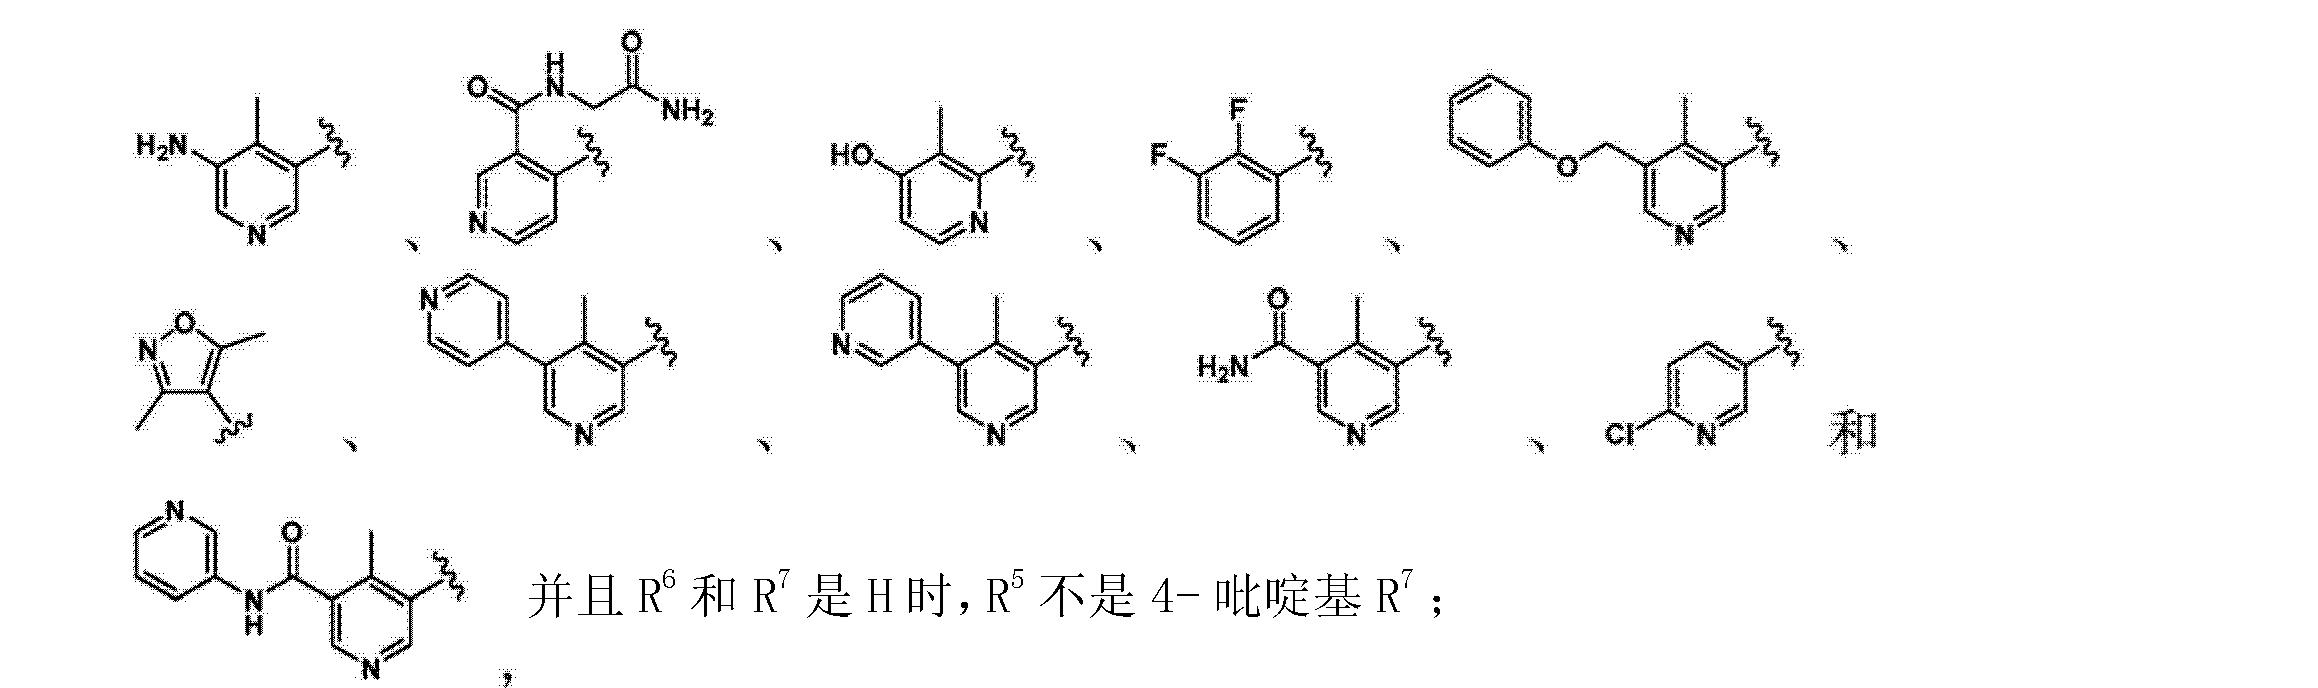 Figure CN103929963AC00022